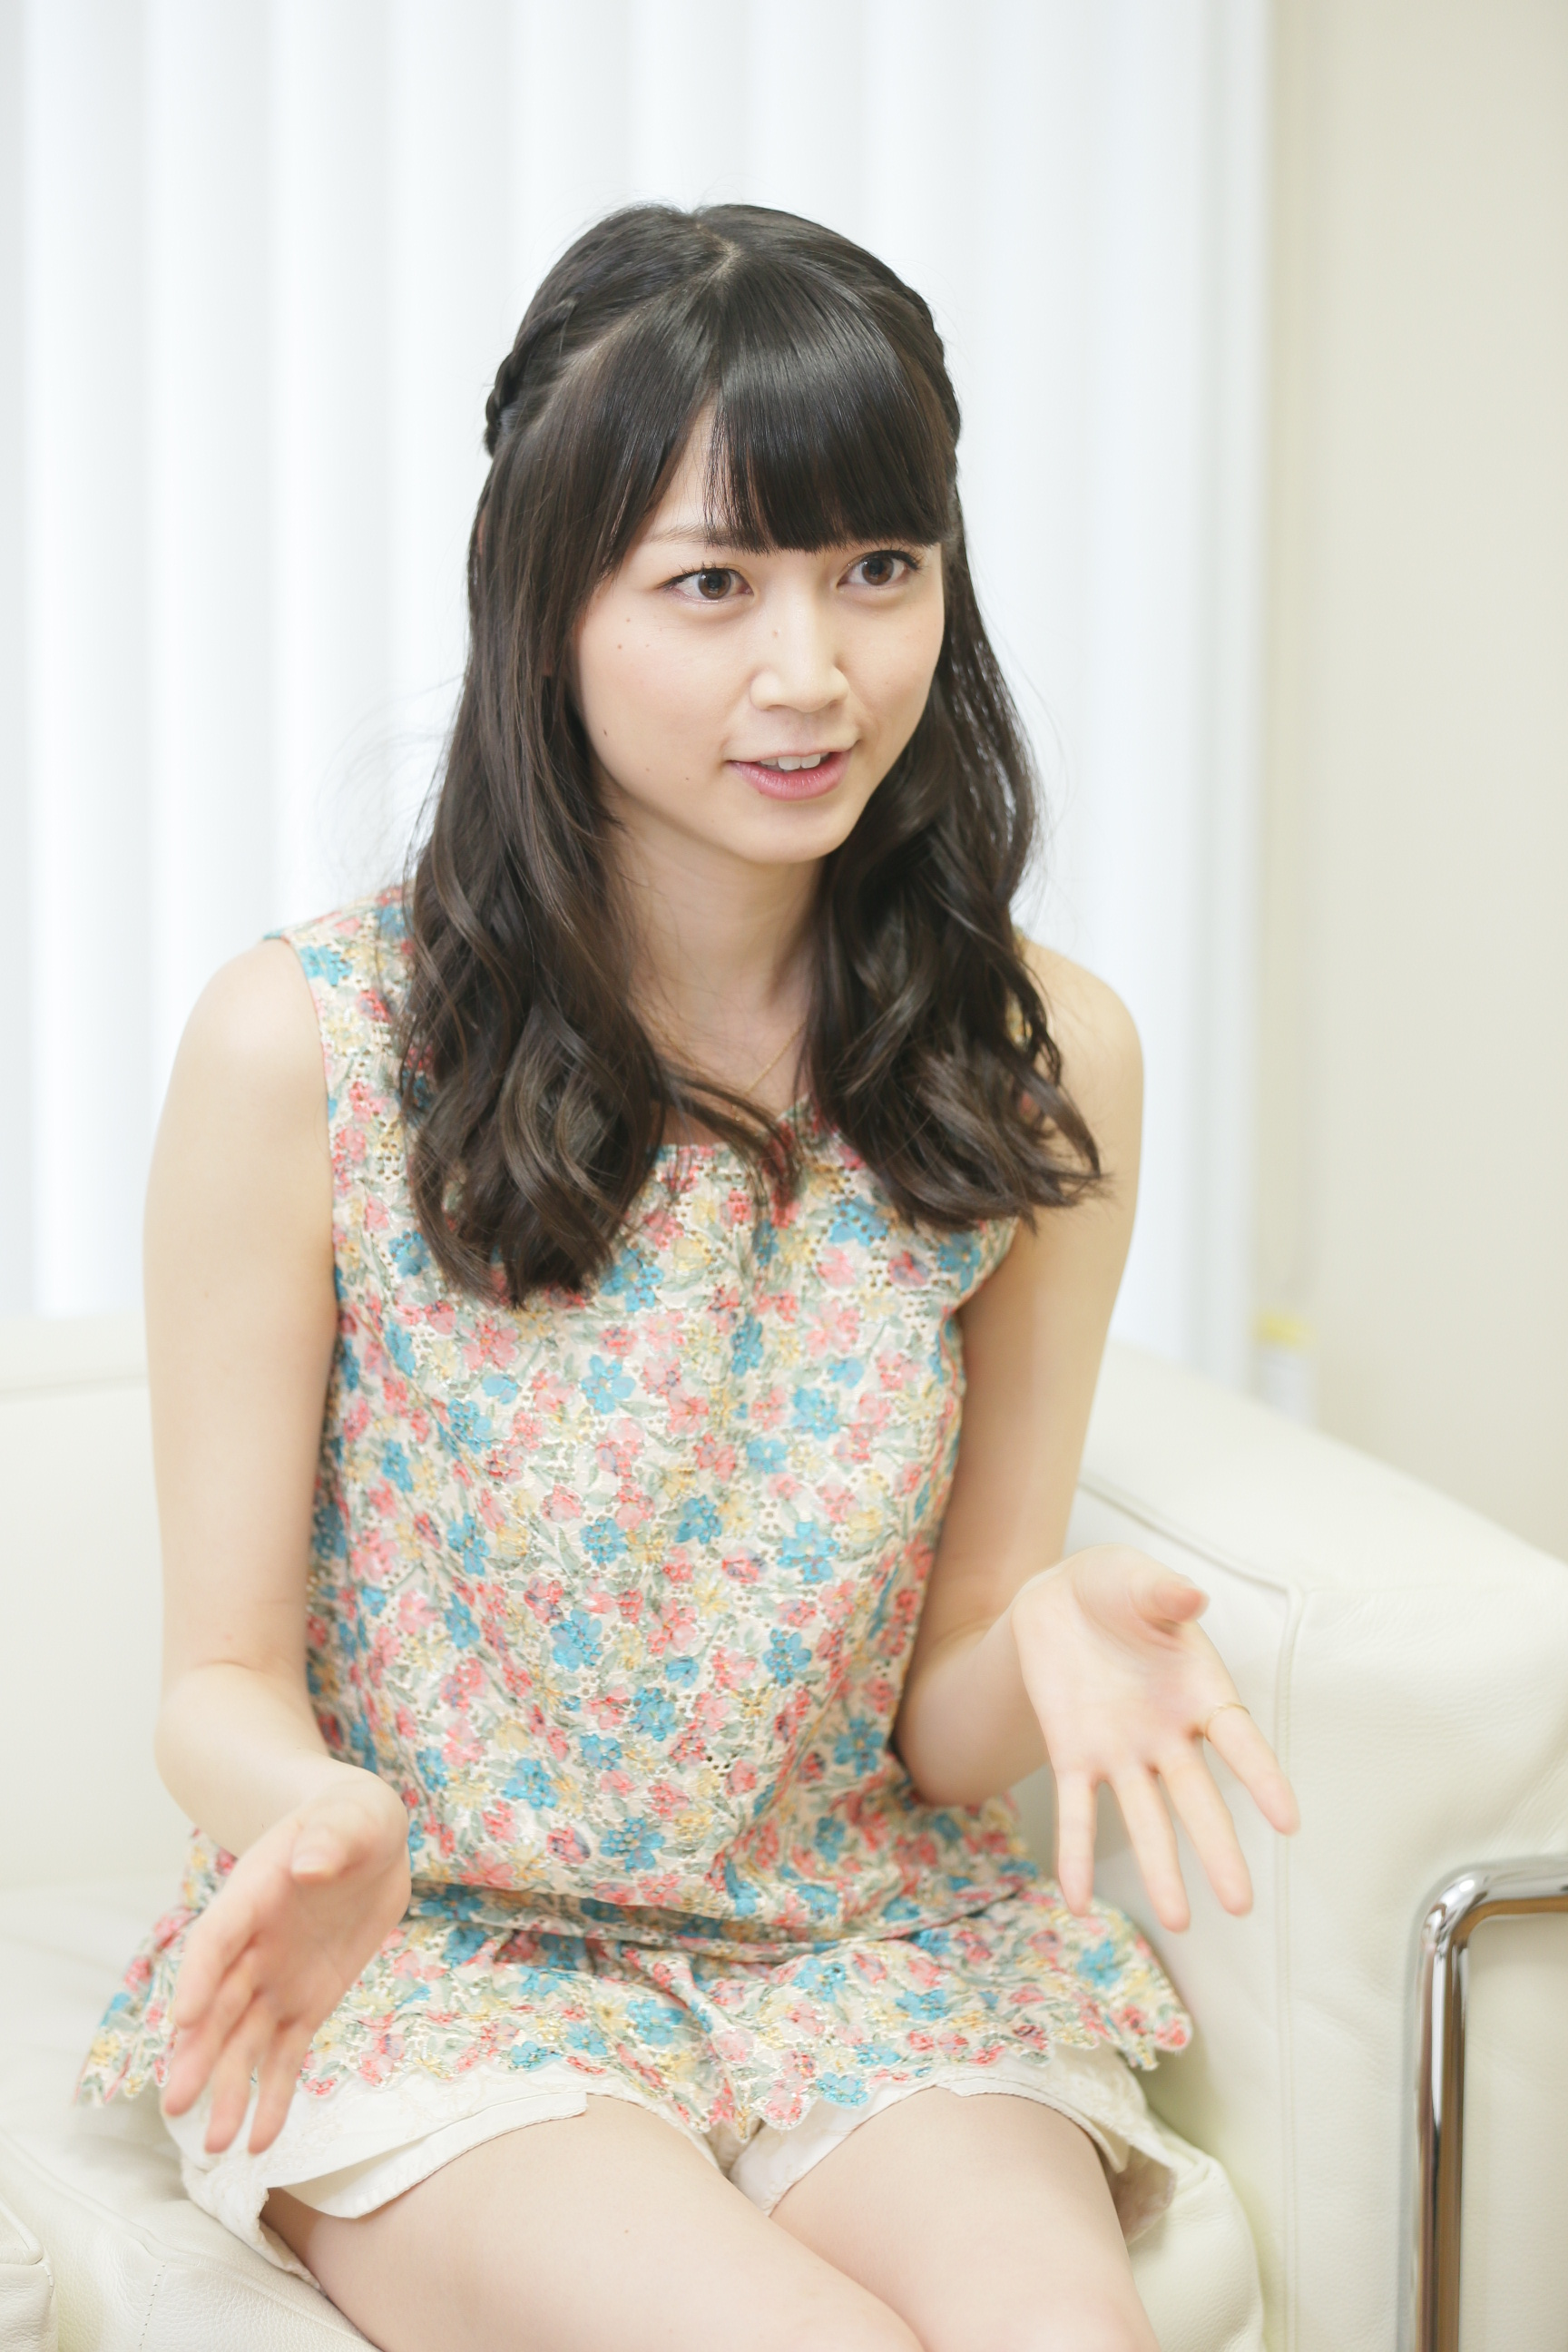 寺田ちひろさん「今、一番会いたいのは、徳島の『ヴォルタくん』と『ティスちゃん』」